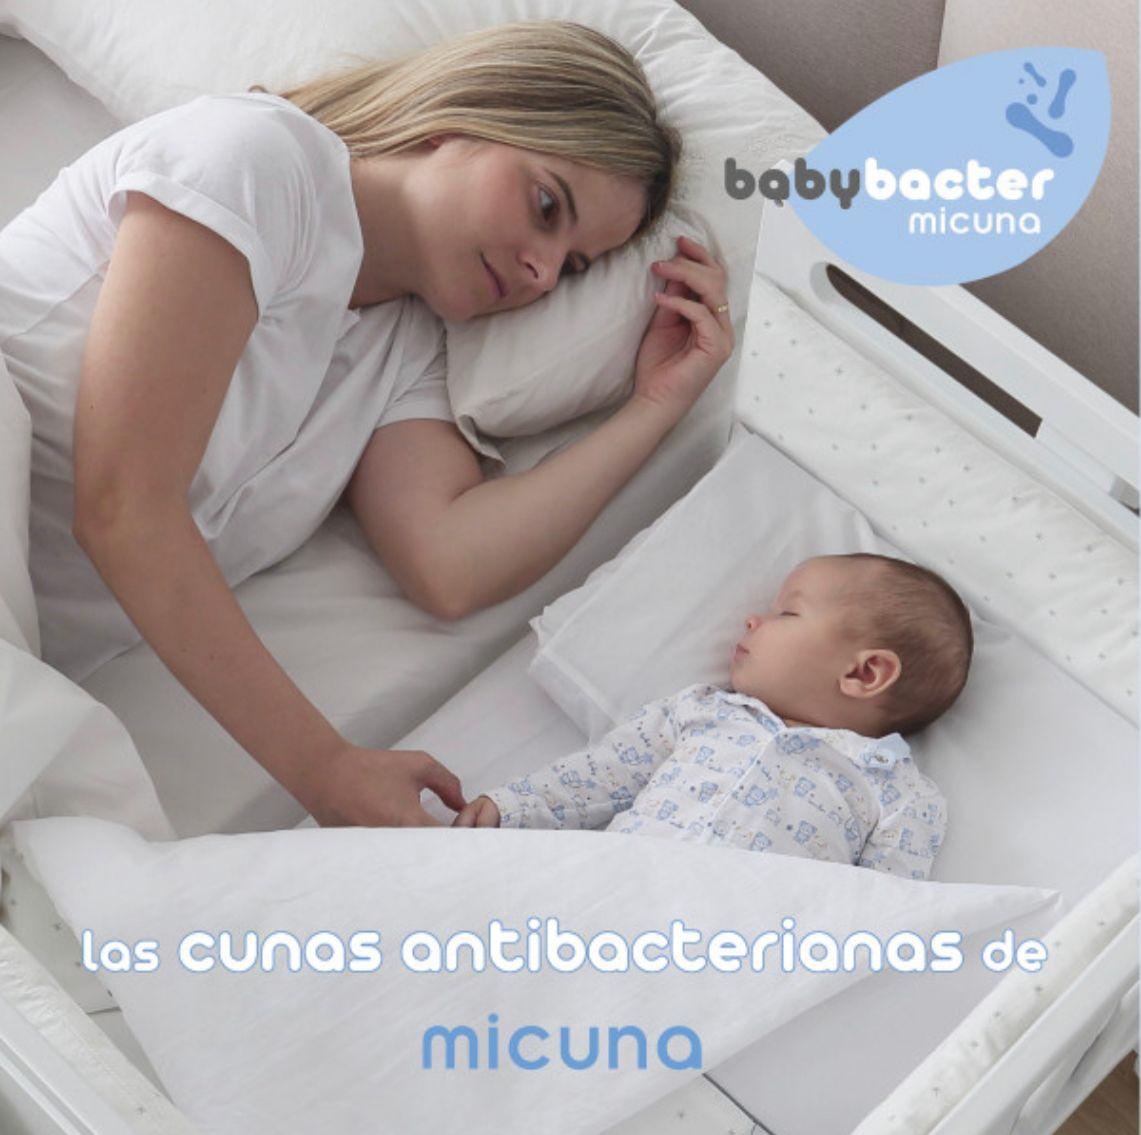 cunas antibacterianas micuna